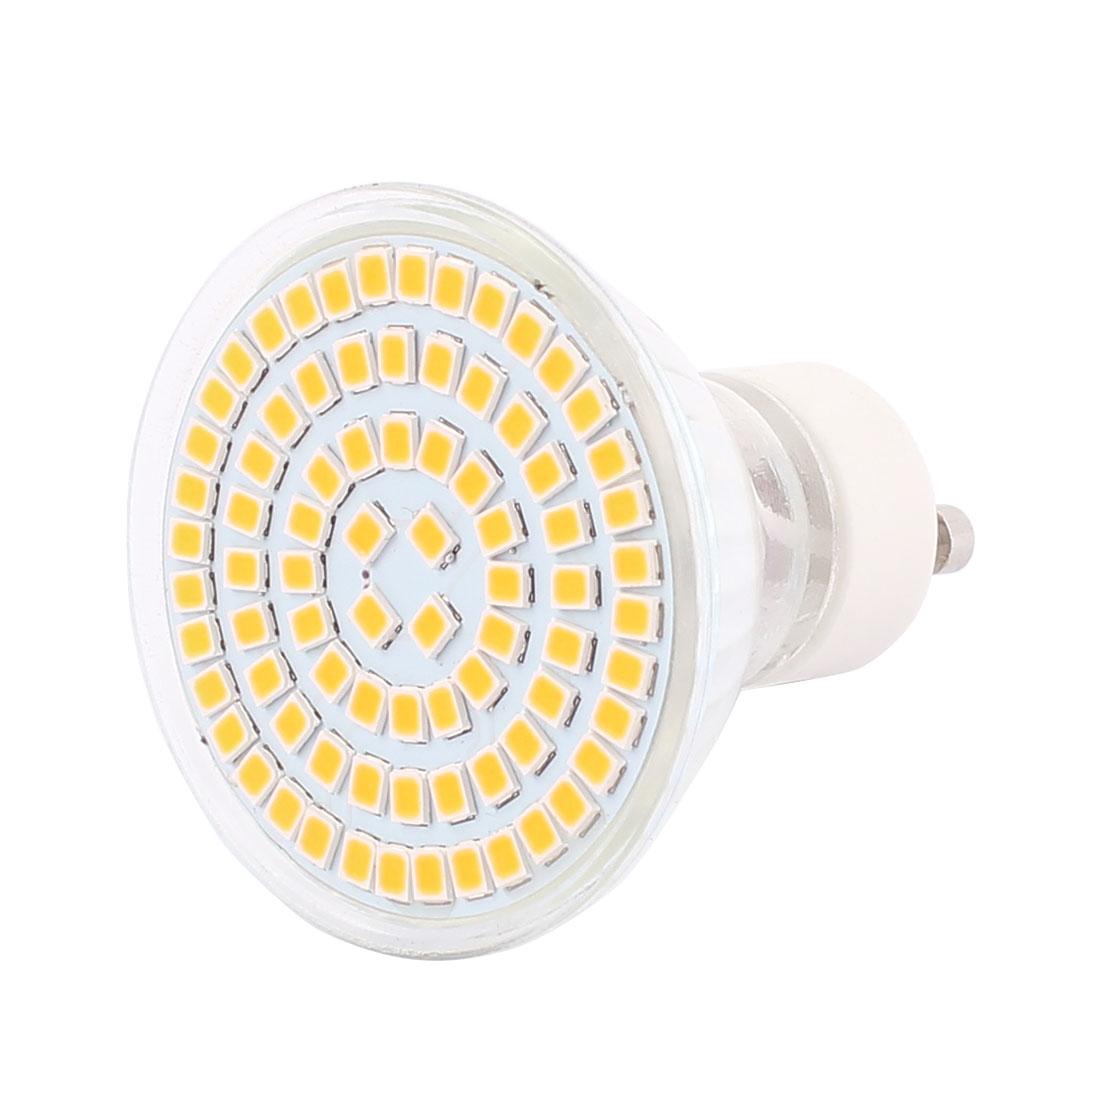 220V GU10 LED Light 8W 2835 SMD 80 LEDs Spotlight Down Lamp Bulb Lighting Warm White